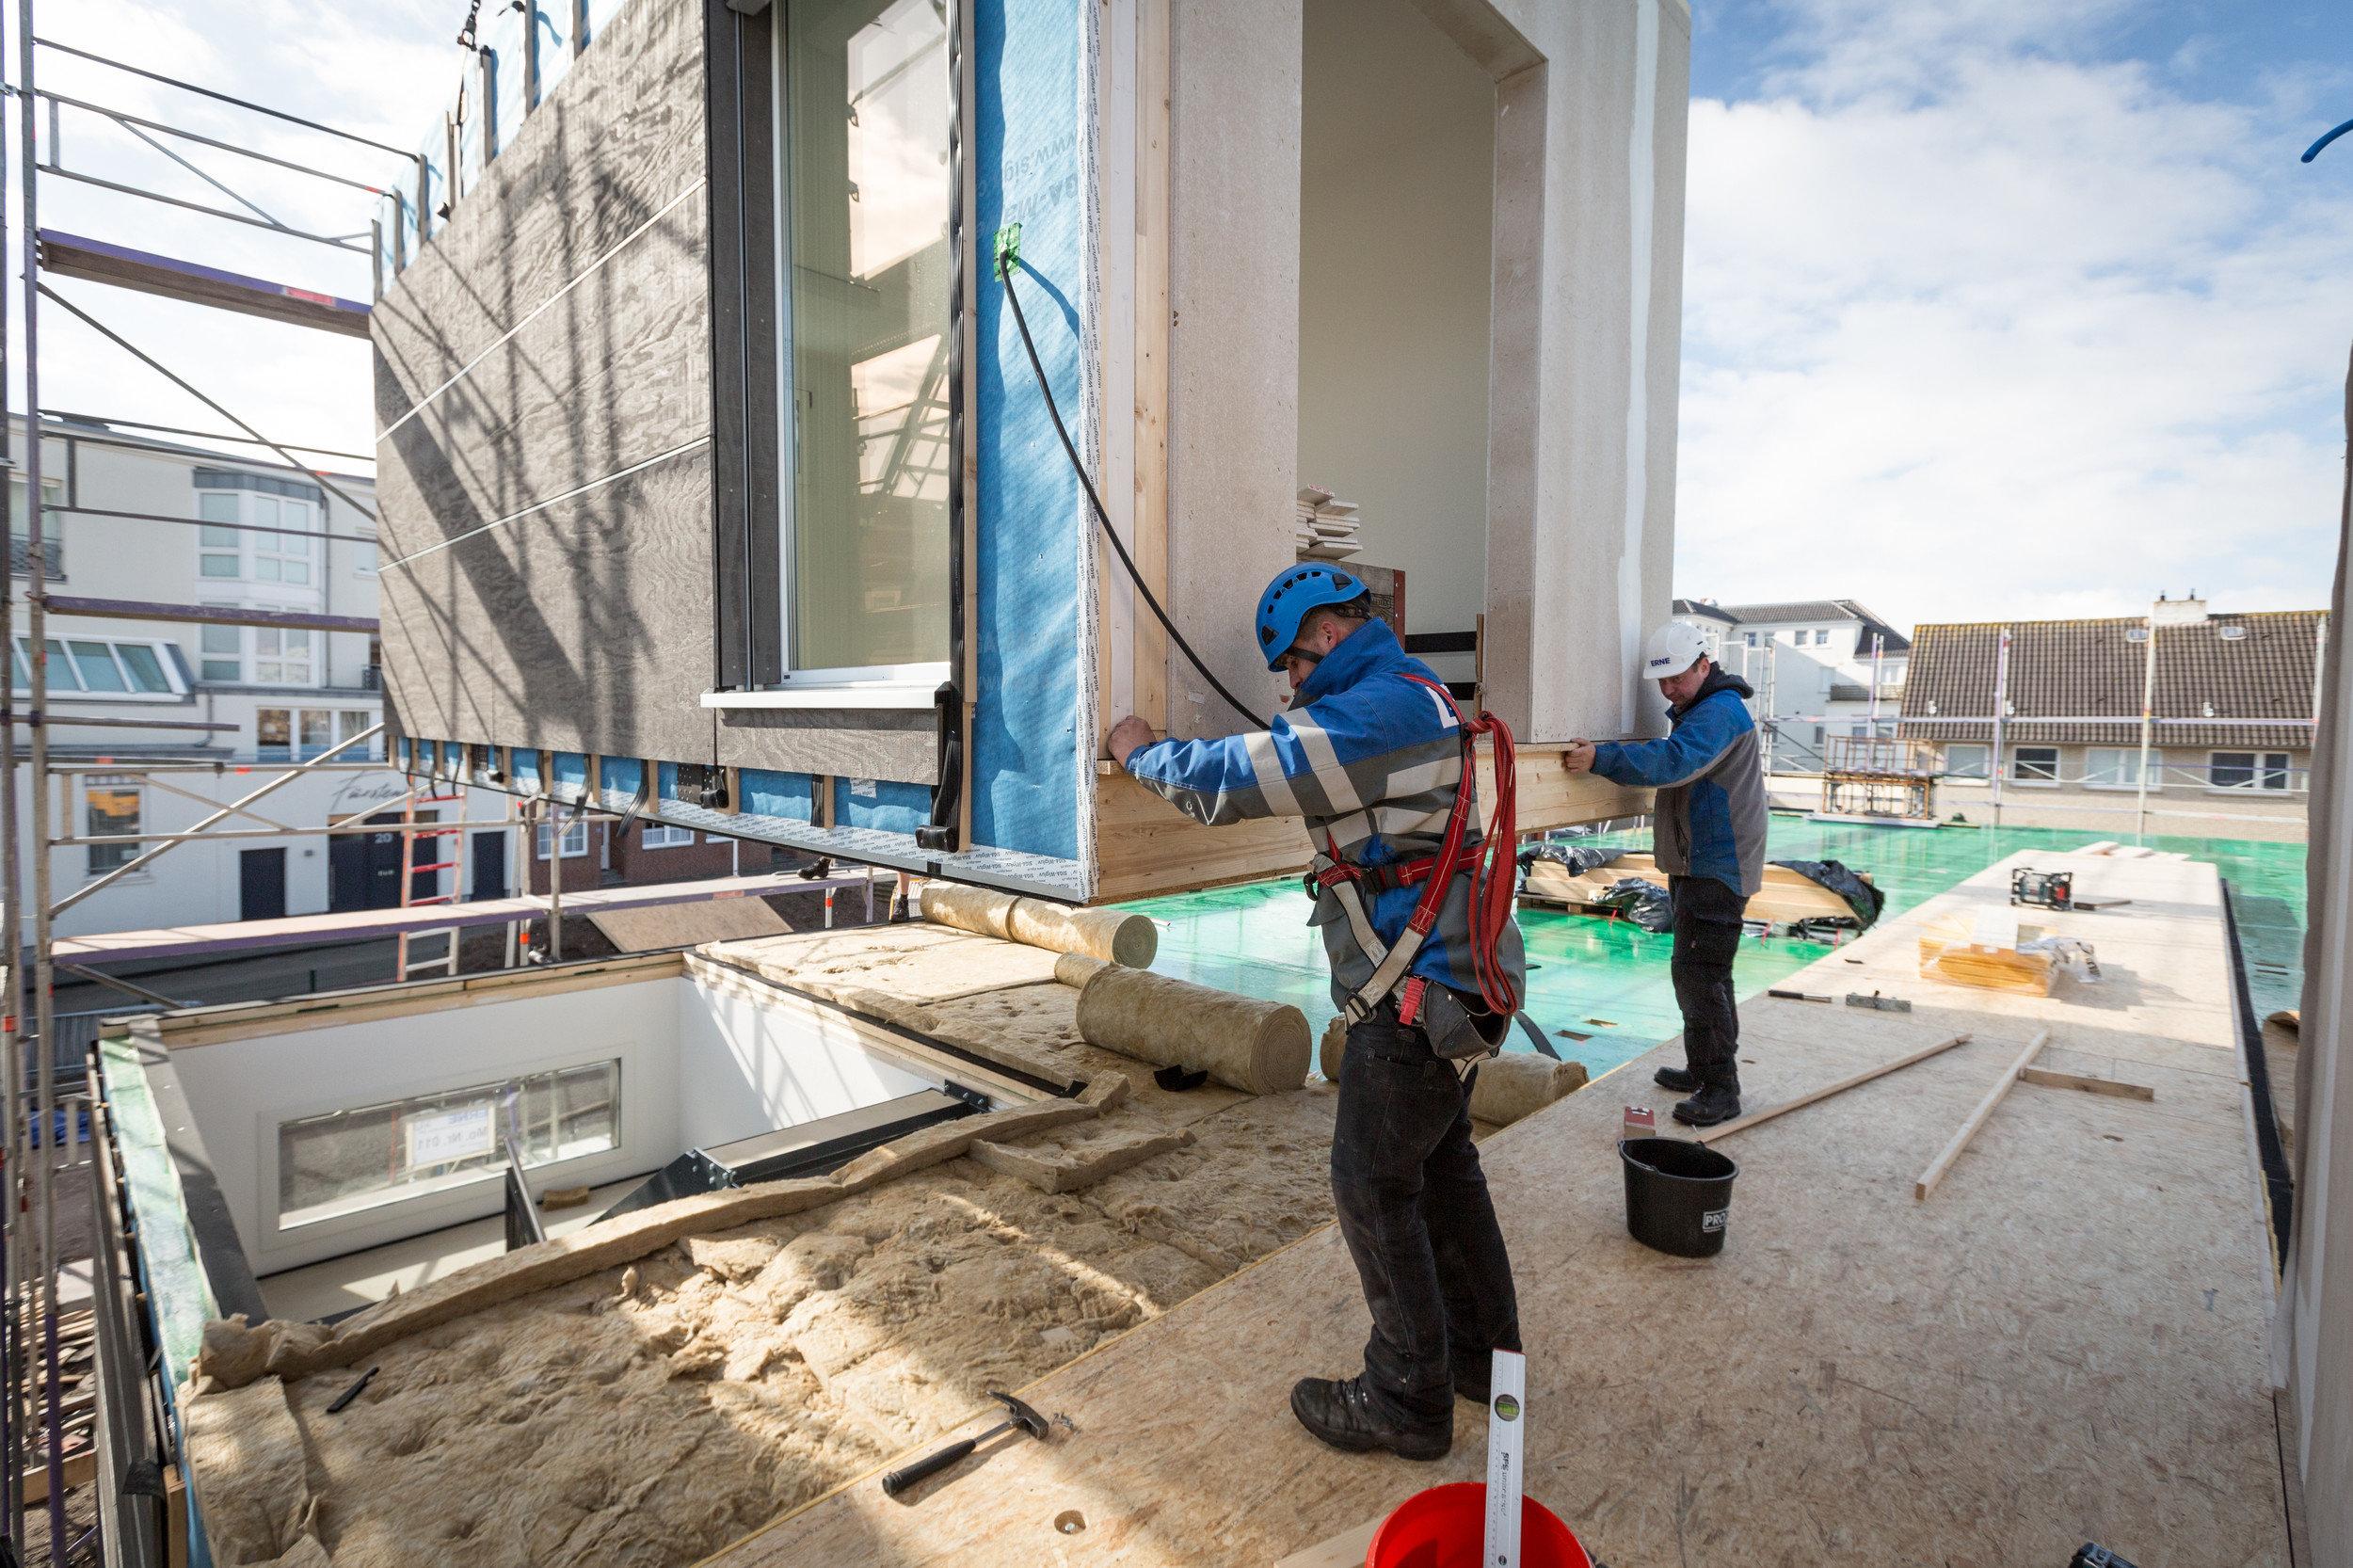 Bauarbeiter platzieren ein Modul auf Baustelle